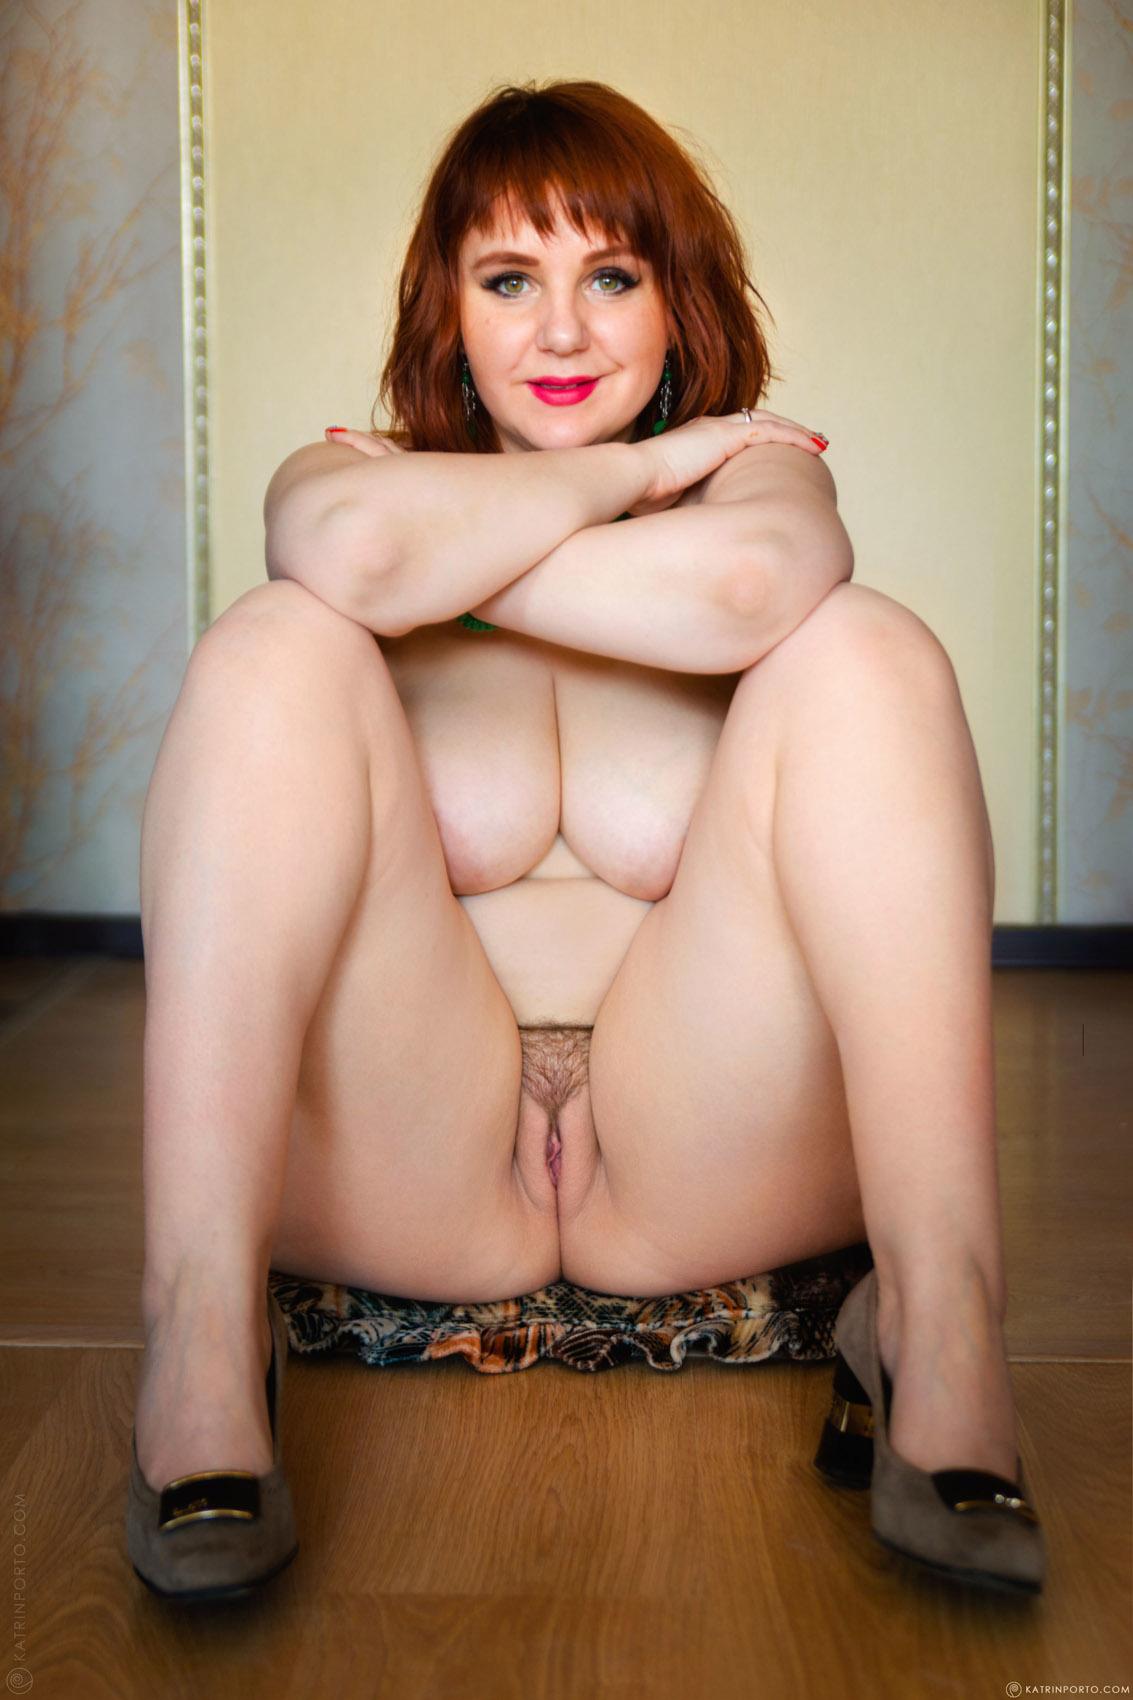 Fucking splendid!!!!! nudes of women with big boobs Tatsuya